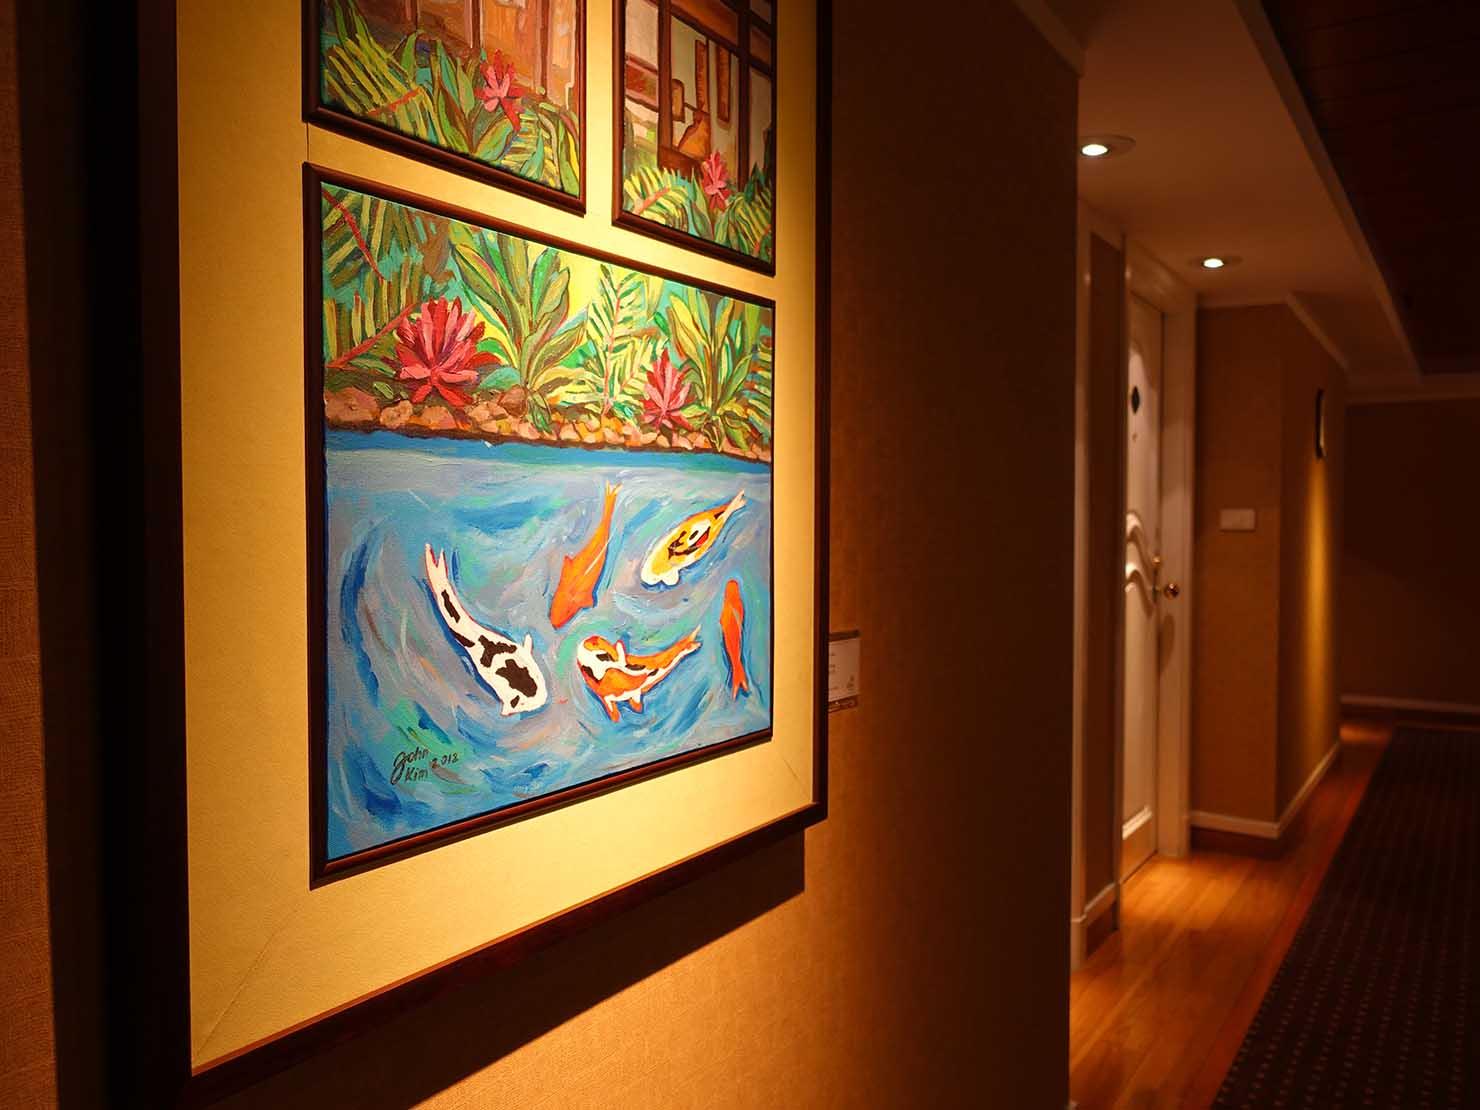 台北のおすすめ4つ星ホテル「歐華酒店(リビエラホテル)」館内に並ぶアート作品